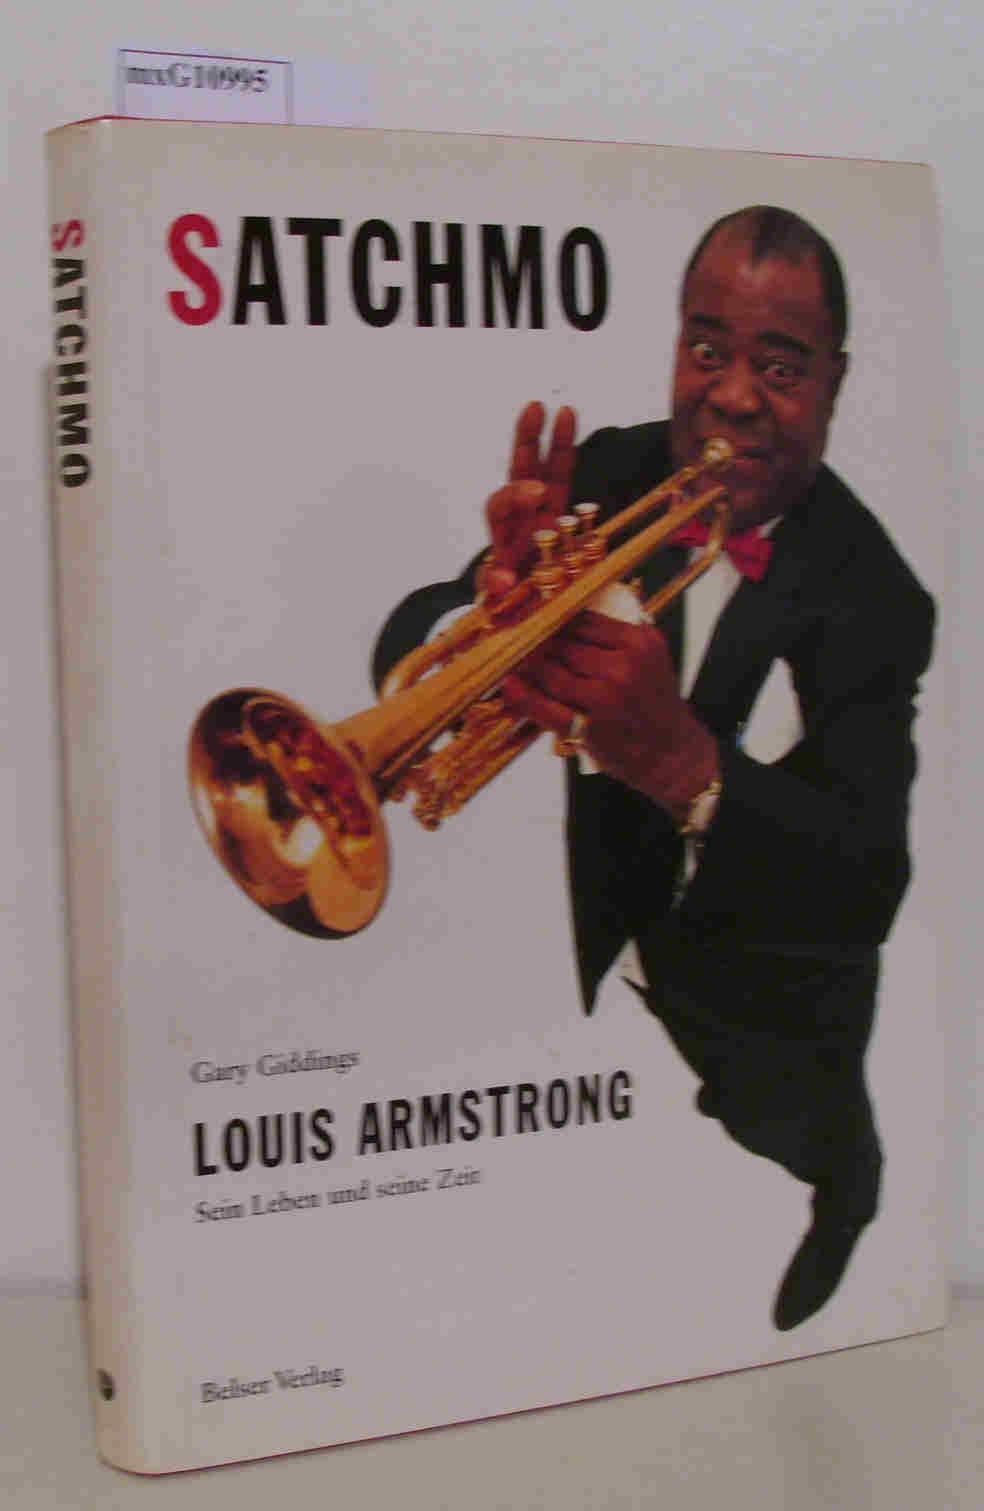 Satchmo - Louis Armstrong, sein Leben und seine Zeit